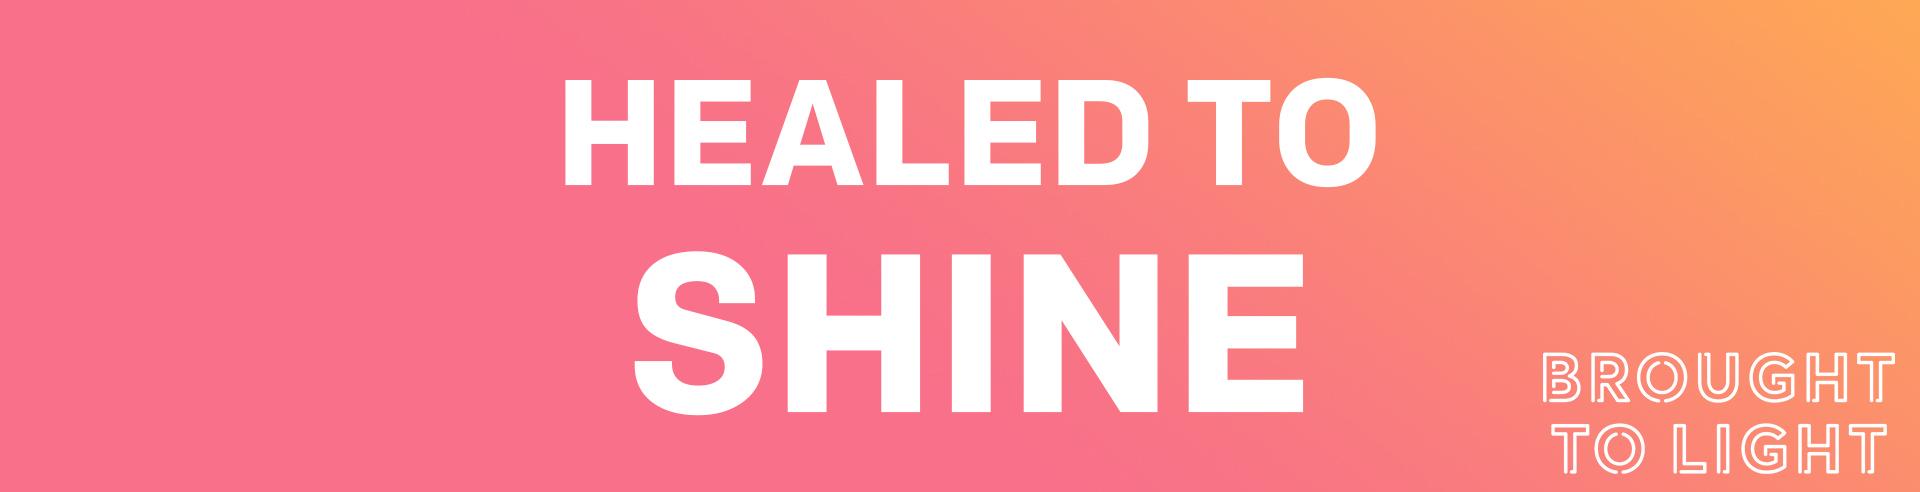 healed to shine.jpg